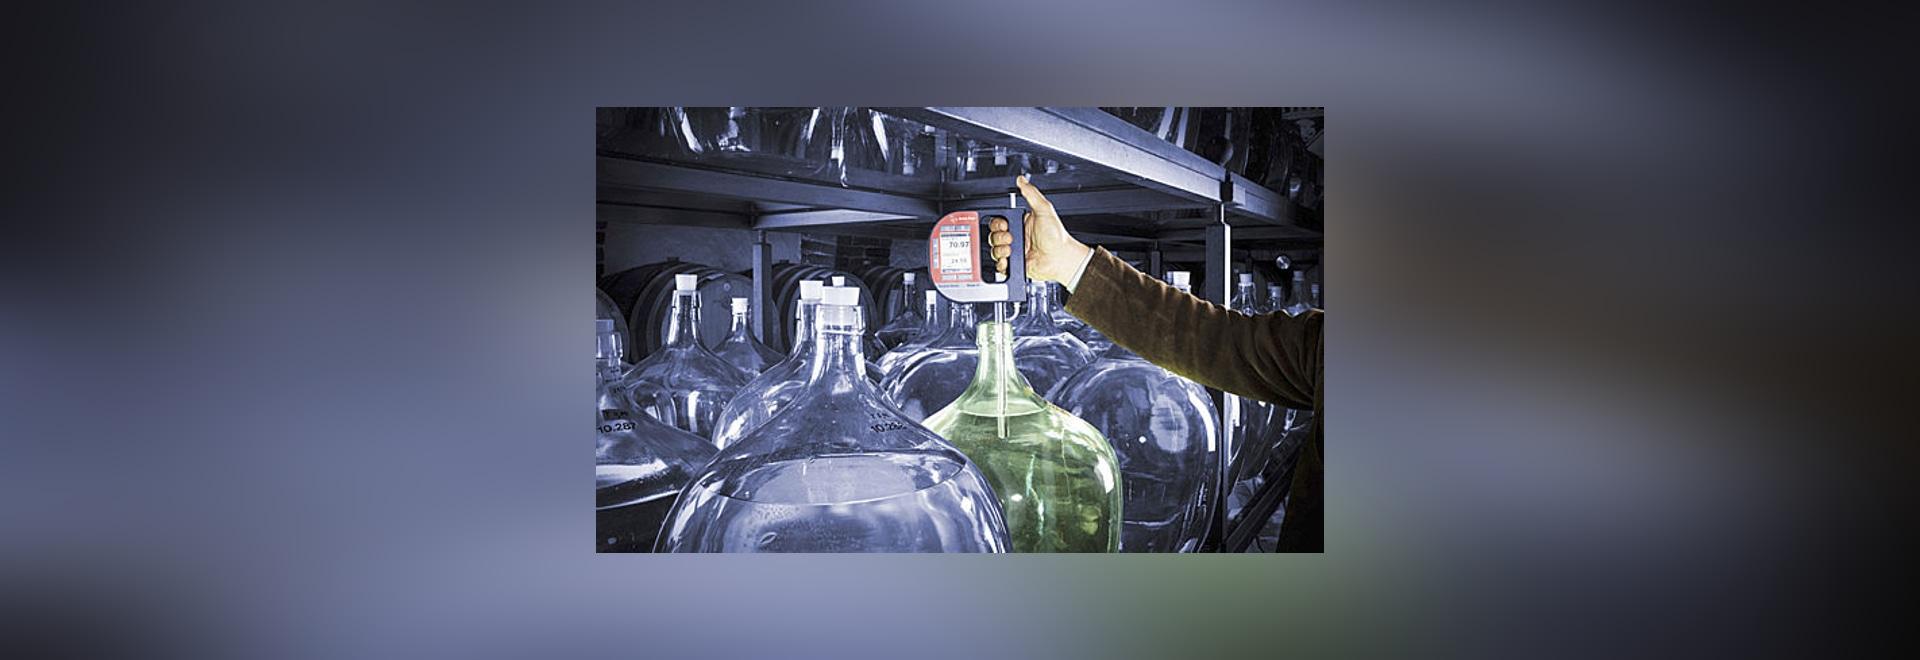 Révolution de La de Vive ! Mesure d'alcool dans les microdistilleries